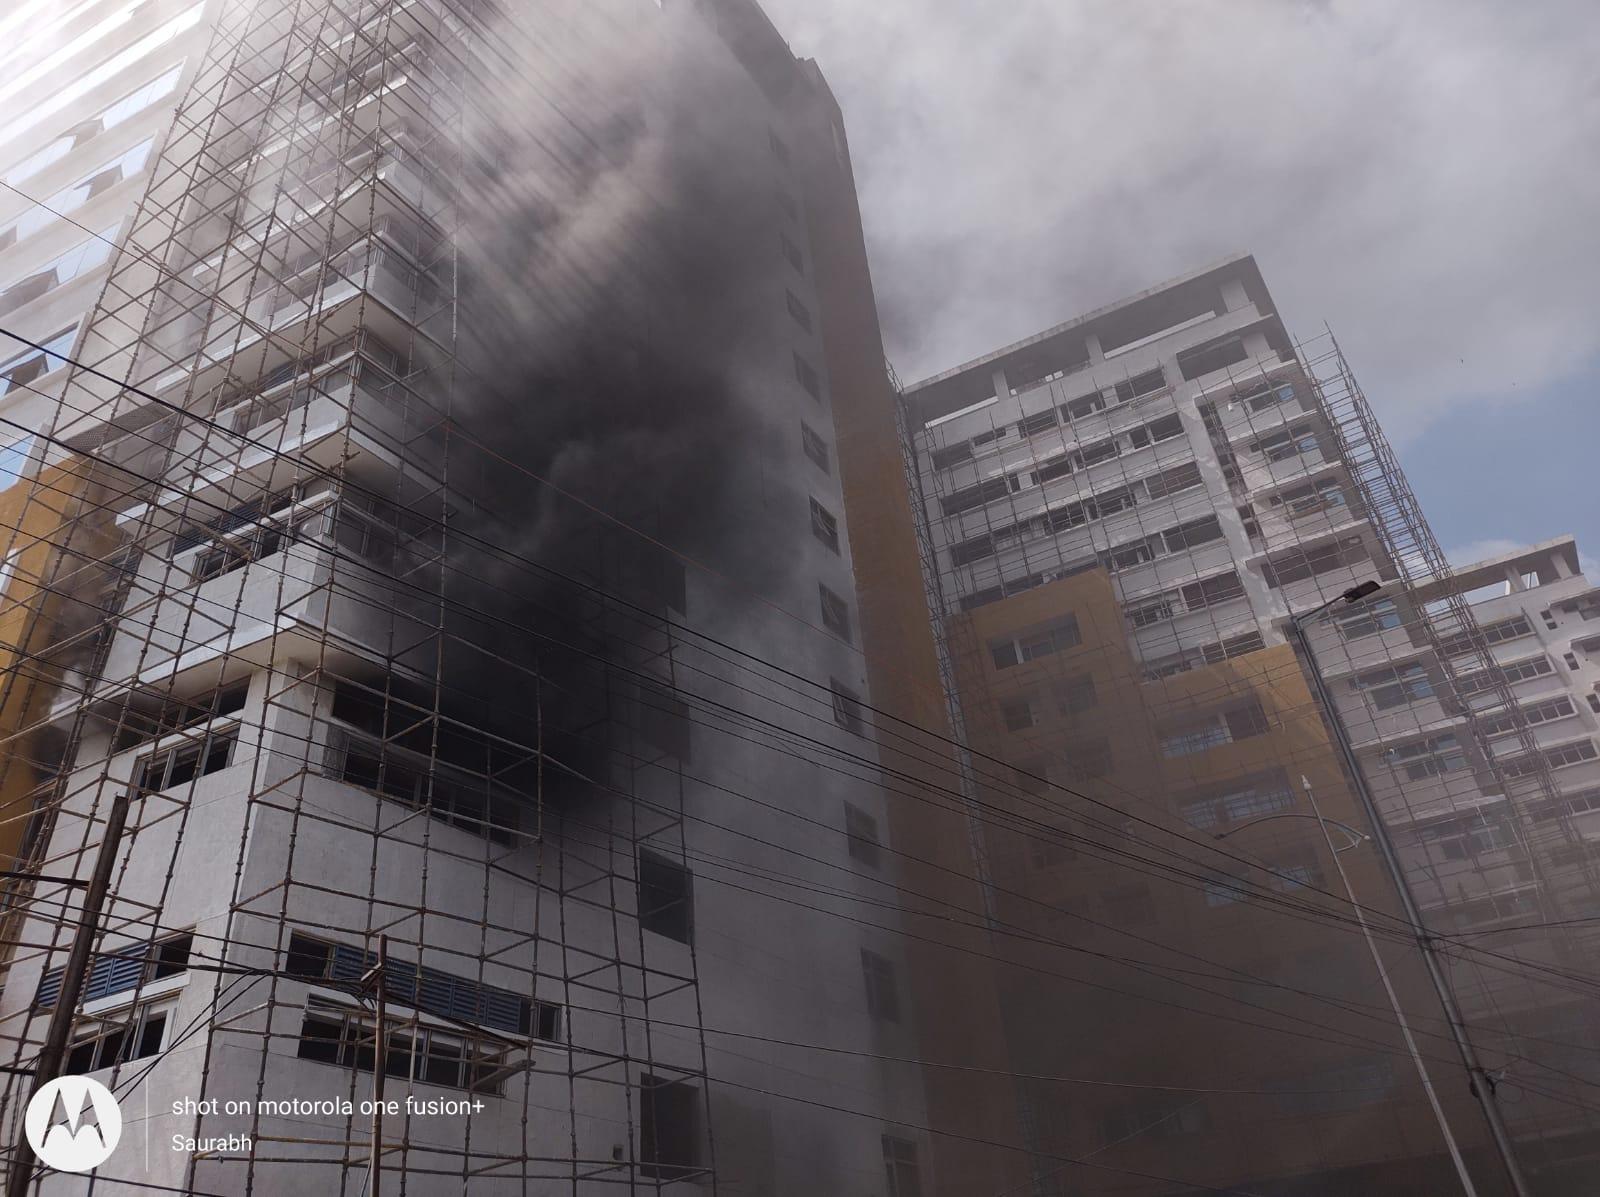 बिल्डिंग के दूसरे तल पर ठेकेदार के स्टोर रूम में आग से दो ट्रक रखा ऐसी का रॉ मटेरियल, फोम समेत अन्य सामान जला; 1 घंटे में आग पर काबू पाया|भोपाल,Bhopal - Dainik Bhaskar